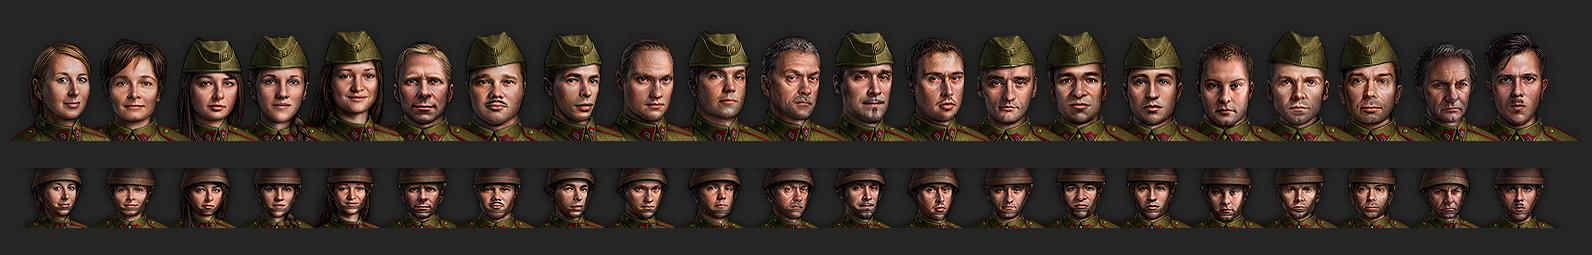 Нажмите на изображение для увеличения Название: cz-faces-wot.jpg Просмотров: 784 Размер:151.6 Кб ID:71